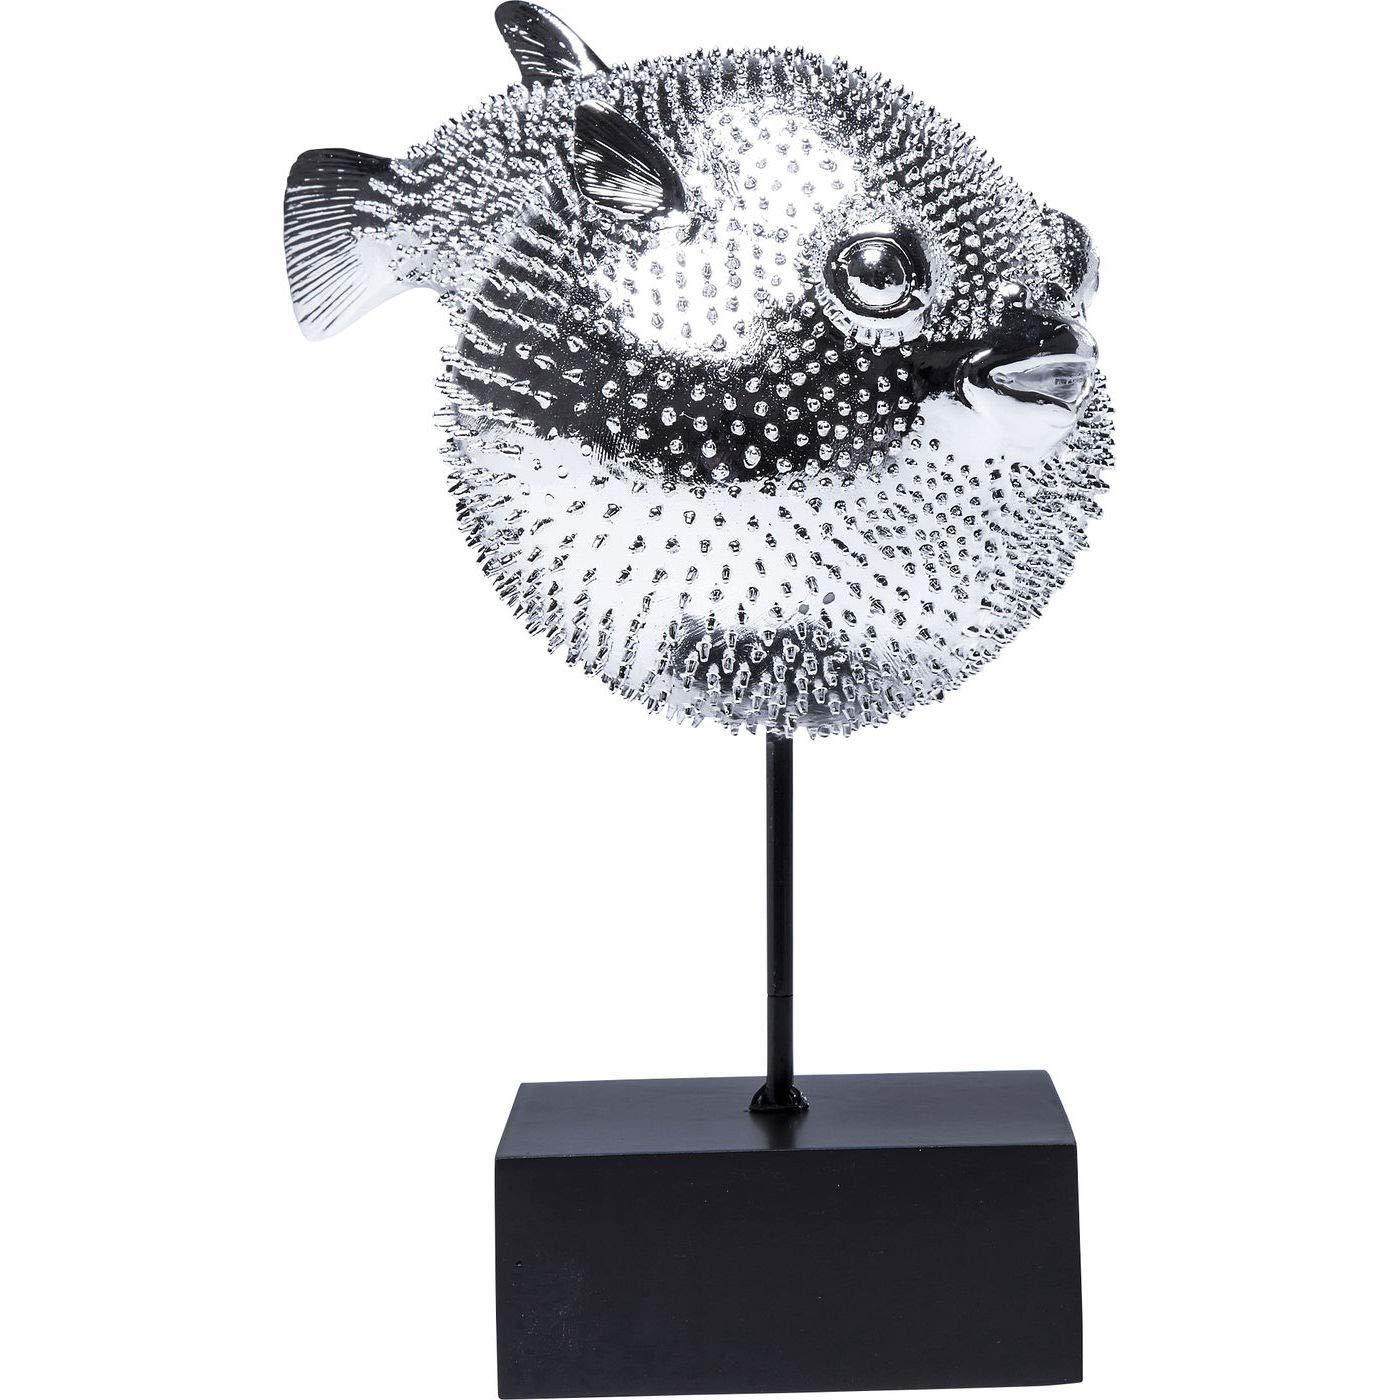 Kare Dekofigur Blowfish 23,5 x 28,5 x 16 cm schwarz-chrom Dekofisch